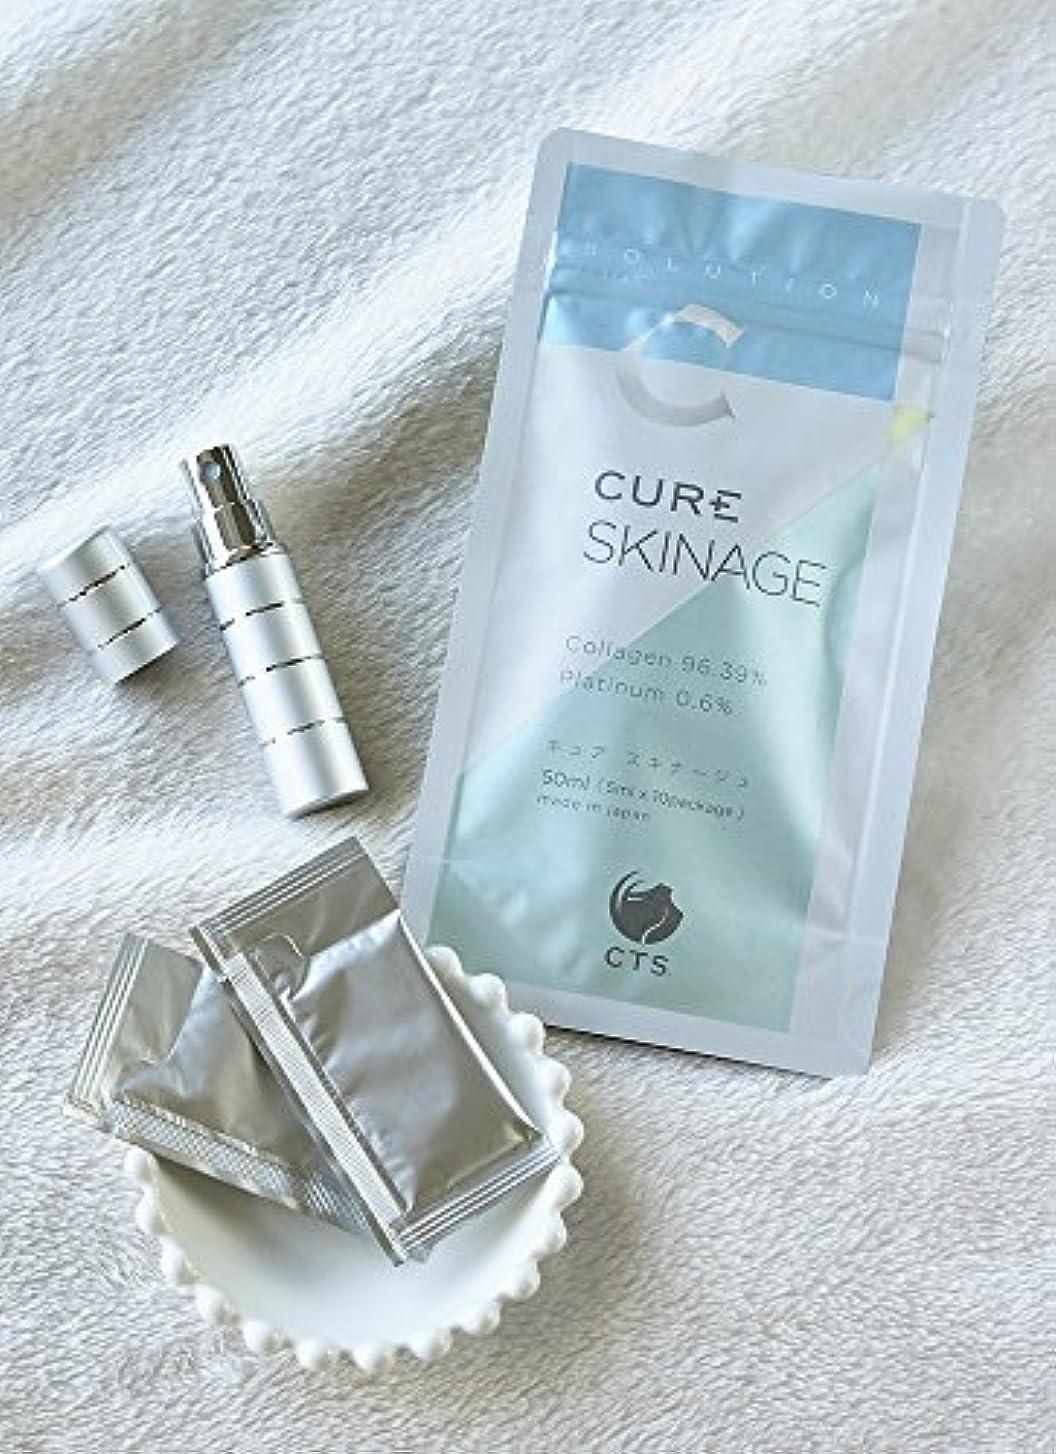 緯度に応じてスチールCURE SKINAGE【96.99%有効成分】美容液 防腐剤無添加 アトマイザー付き